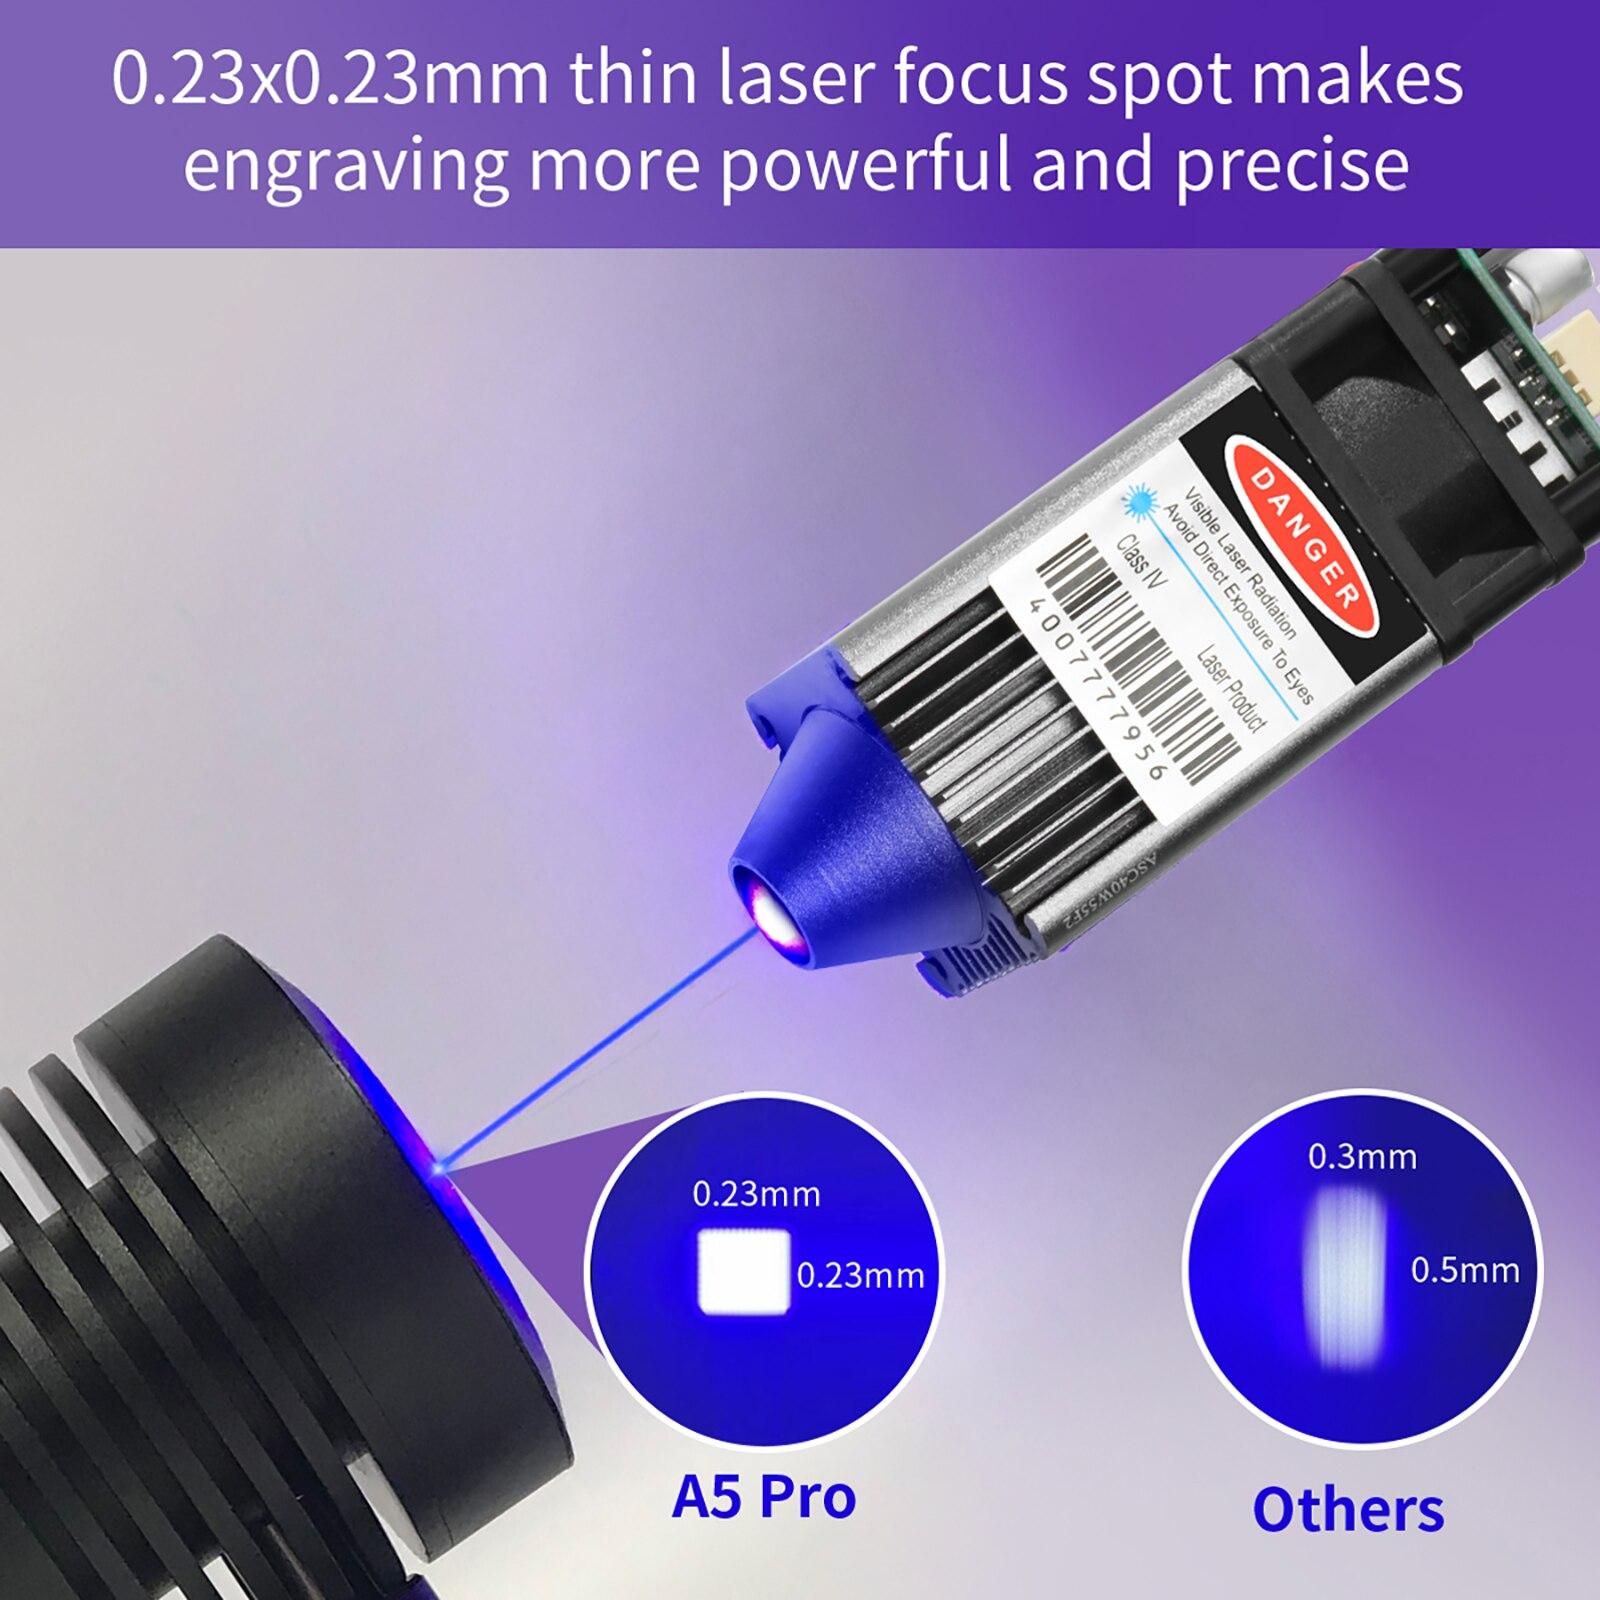 40 واط ليزر وحدة ليزر رئيس 455nm الأزرق Lase ل آلة تقطيع بالليزر باستخدام الحاسب الآلي لتقوم بها بنفسك خشب الليزر وسم قطع أداة